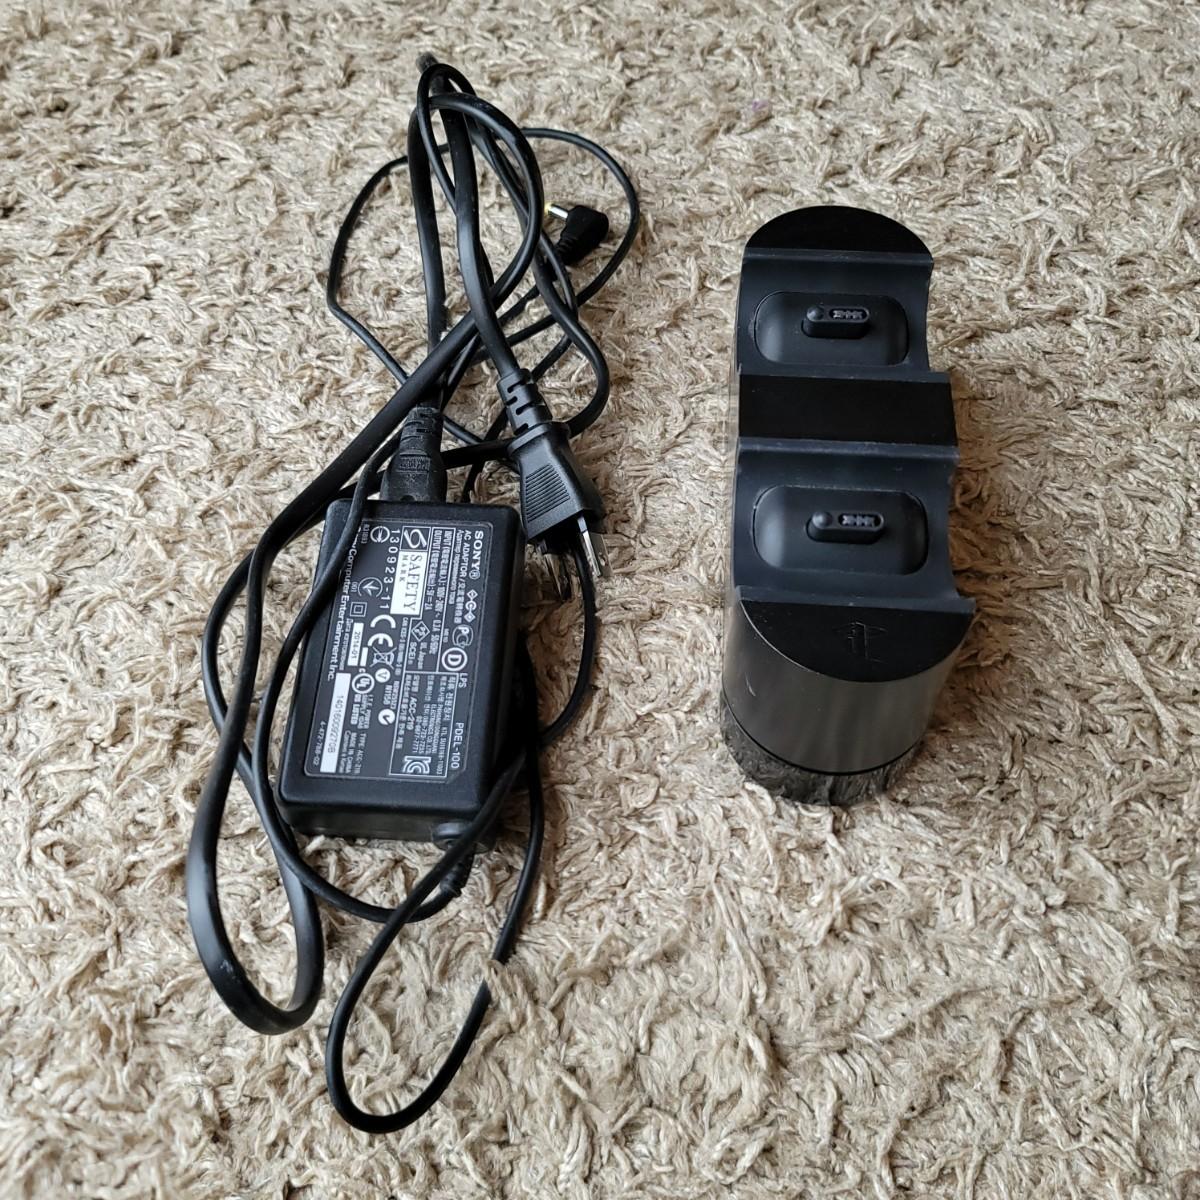 PS4コントローラー  DUALSHOCK4 レッドカモフラージュ2台同時充電スタンド付き